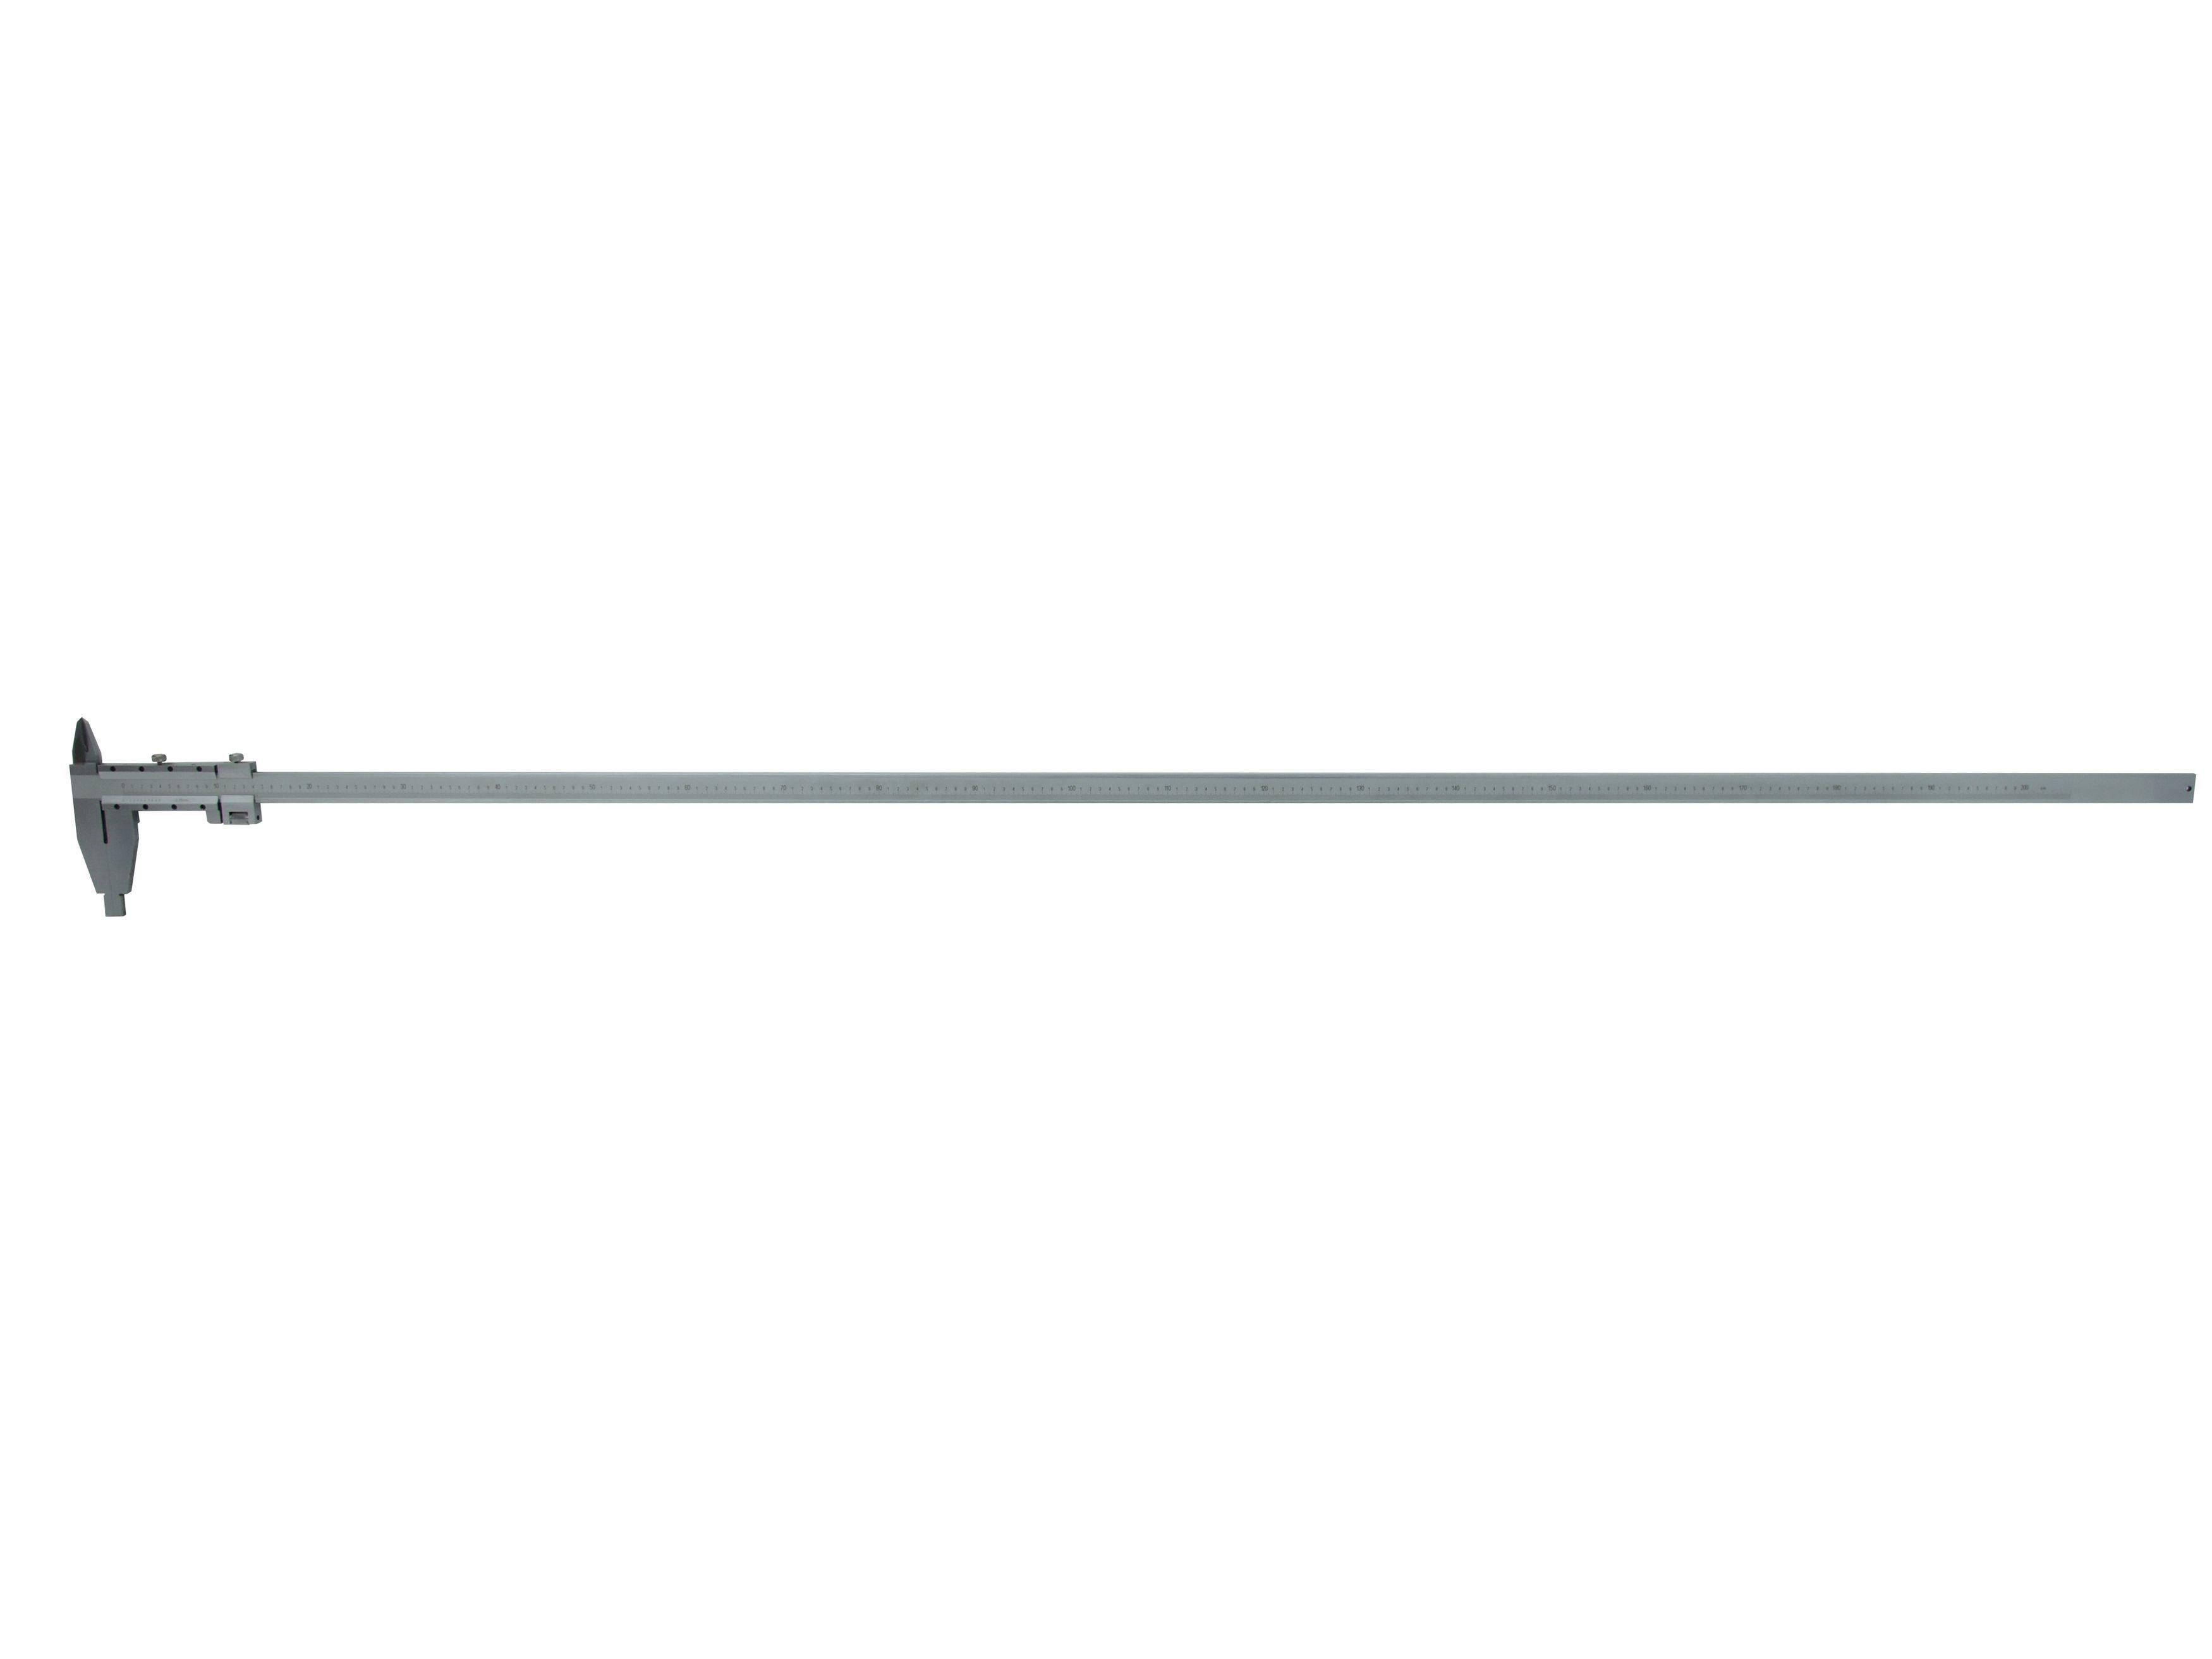 Měřítko posuvné kovové, 0-2000mm x 0,05, GEKO